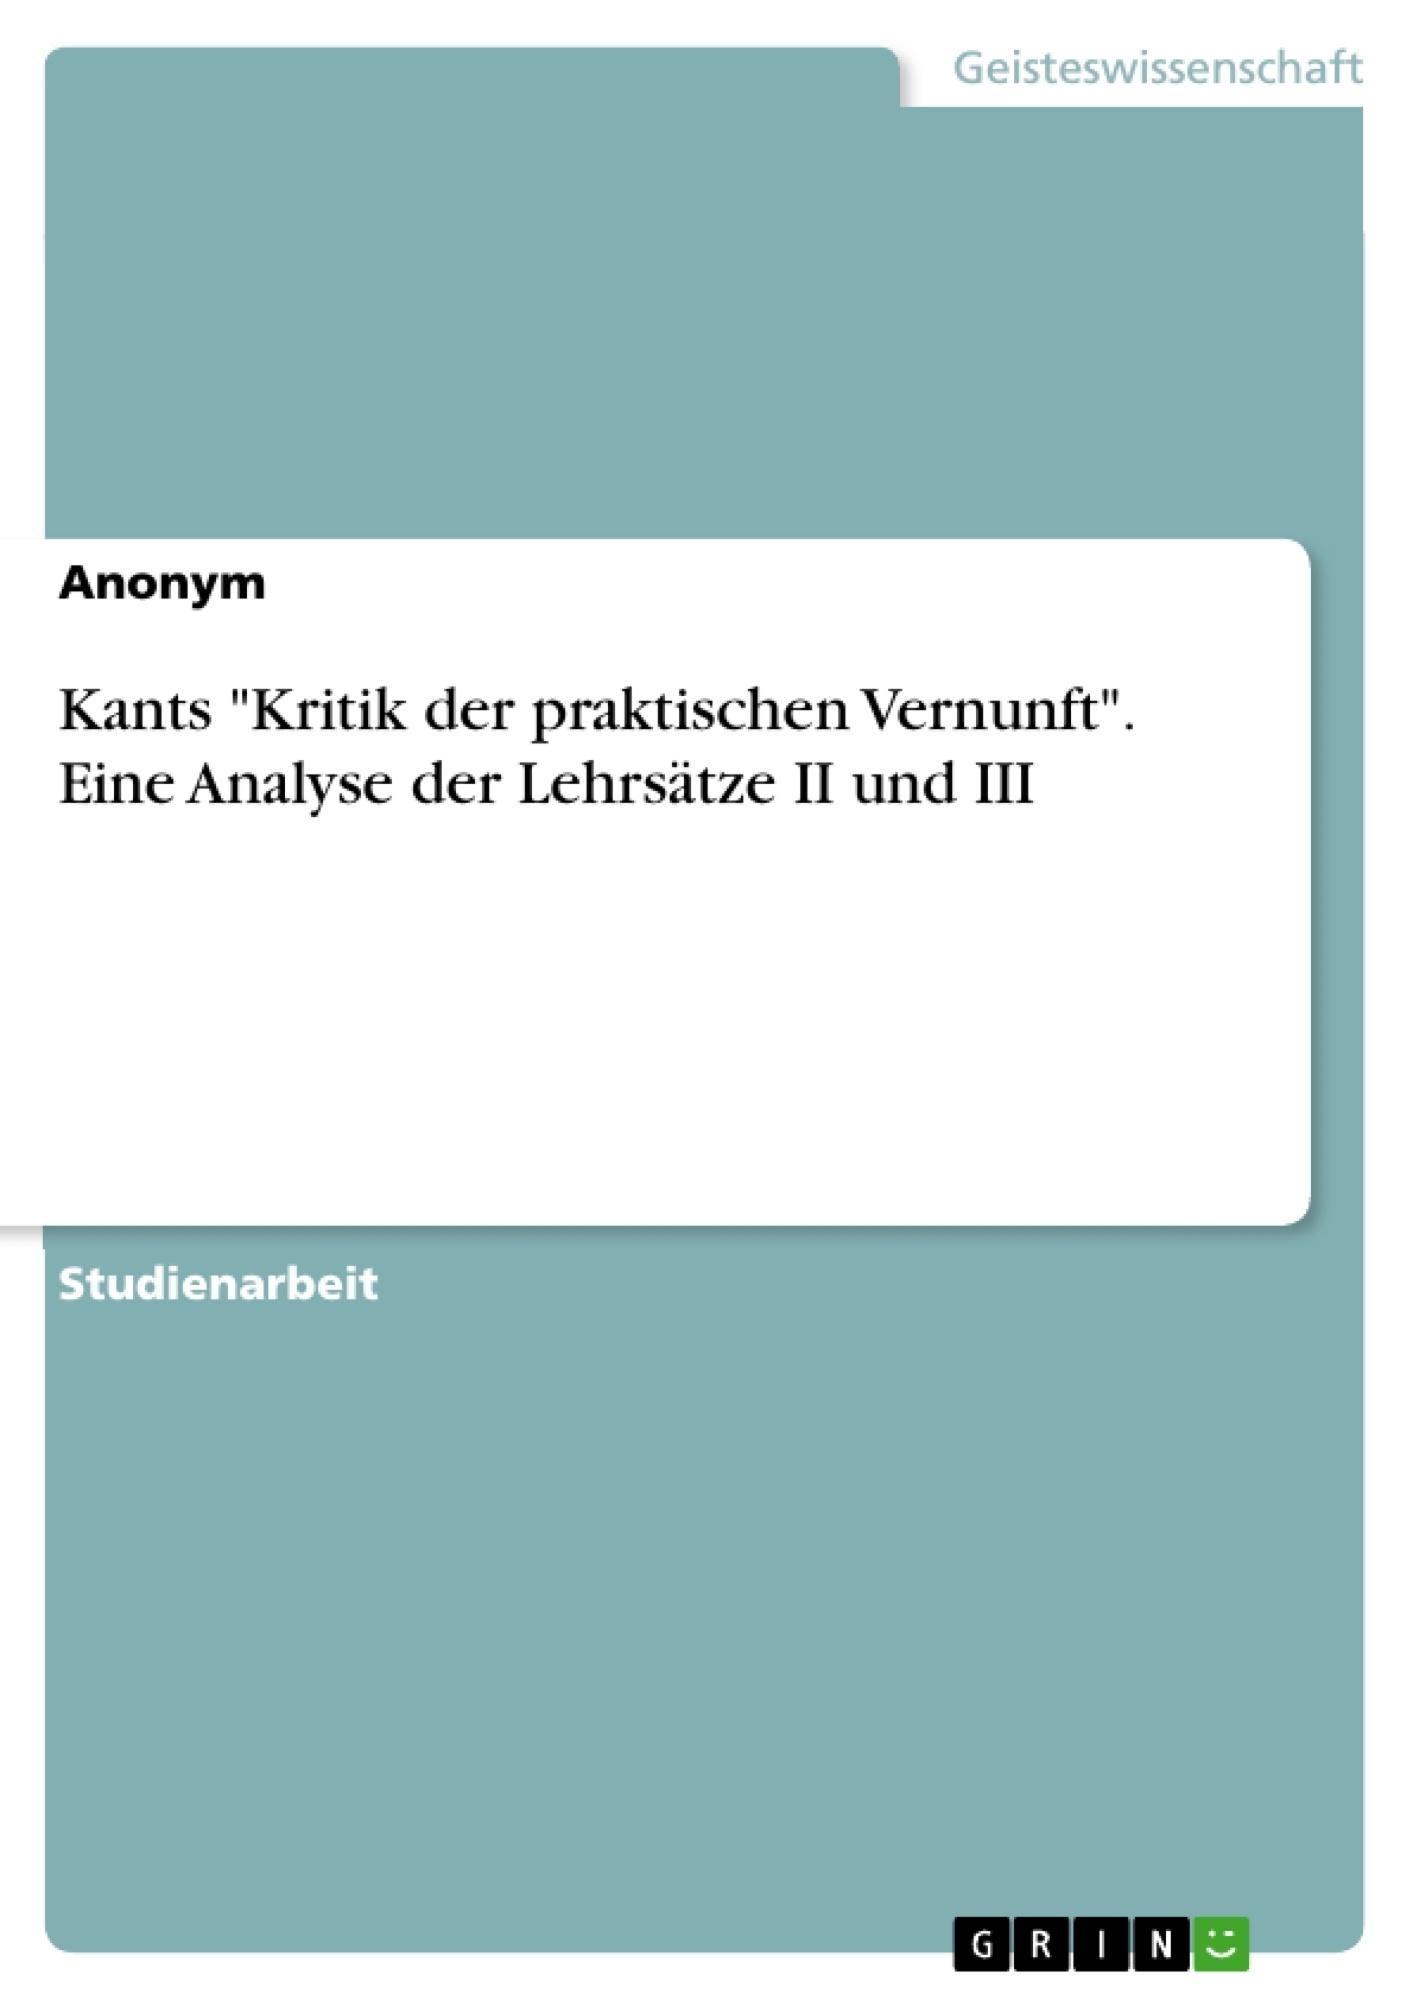 """Titel: Kants """"Kritik der praktischen Vernunft"""". Eine Analyse der Lehrsätze II und III"""